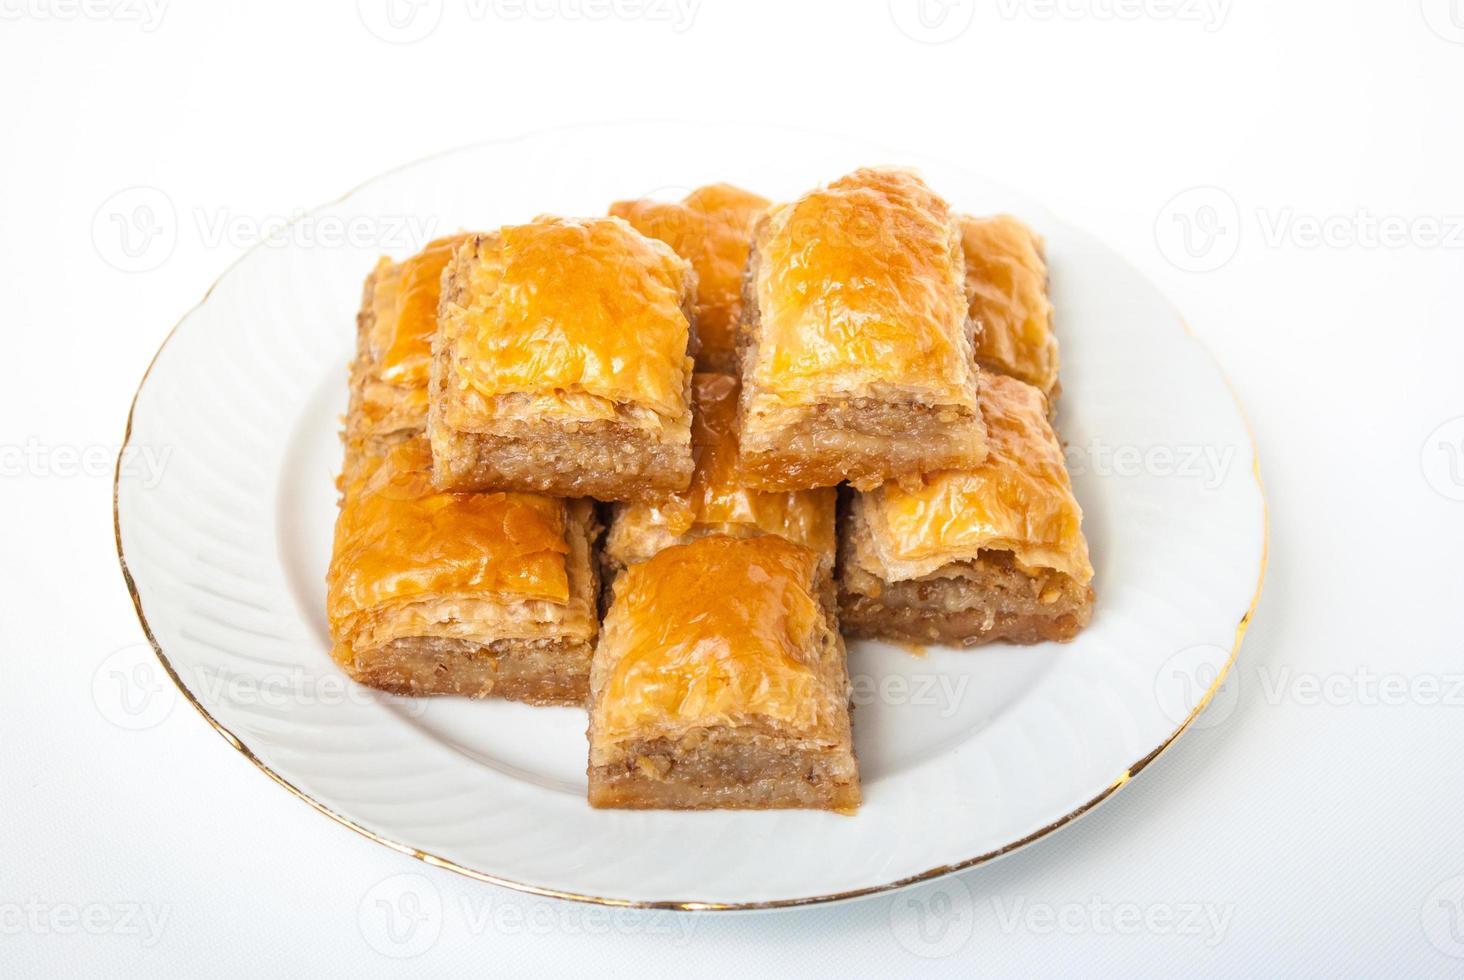 süßes Baklava auf Platte lokalisiert auf weißem Hintergrund. foto